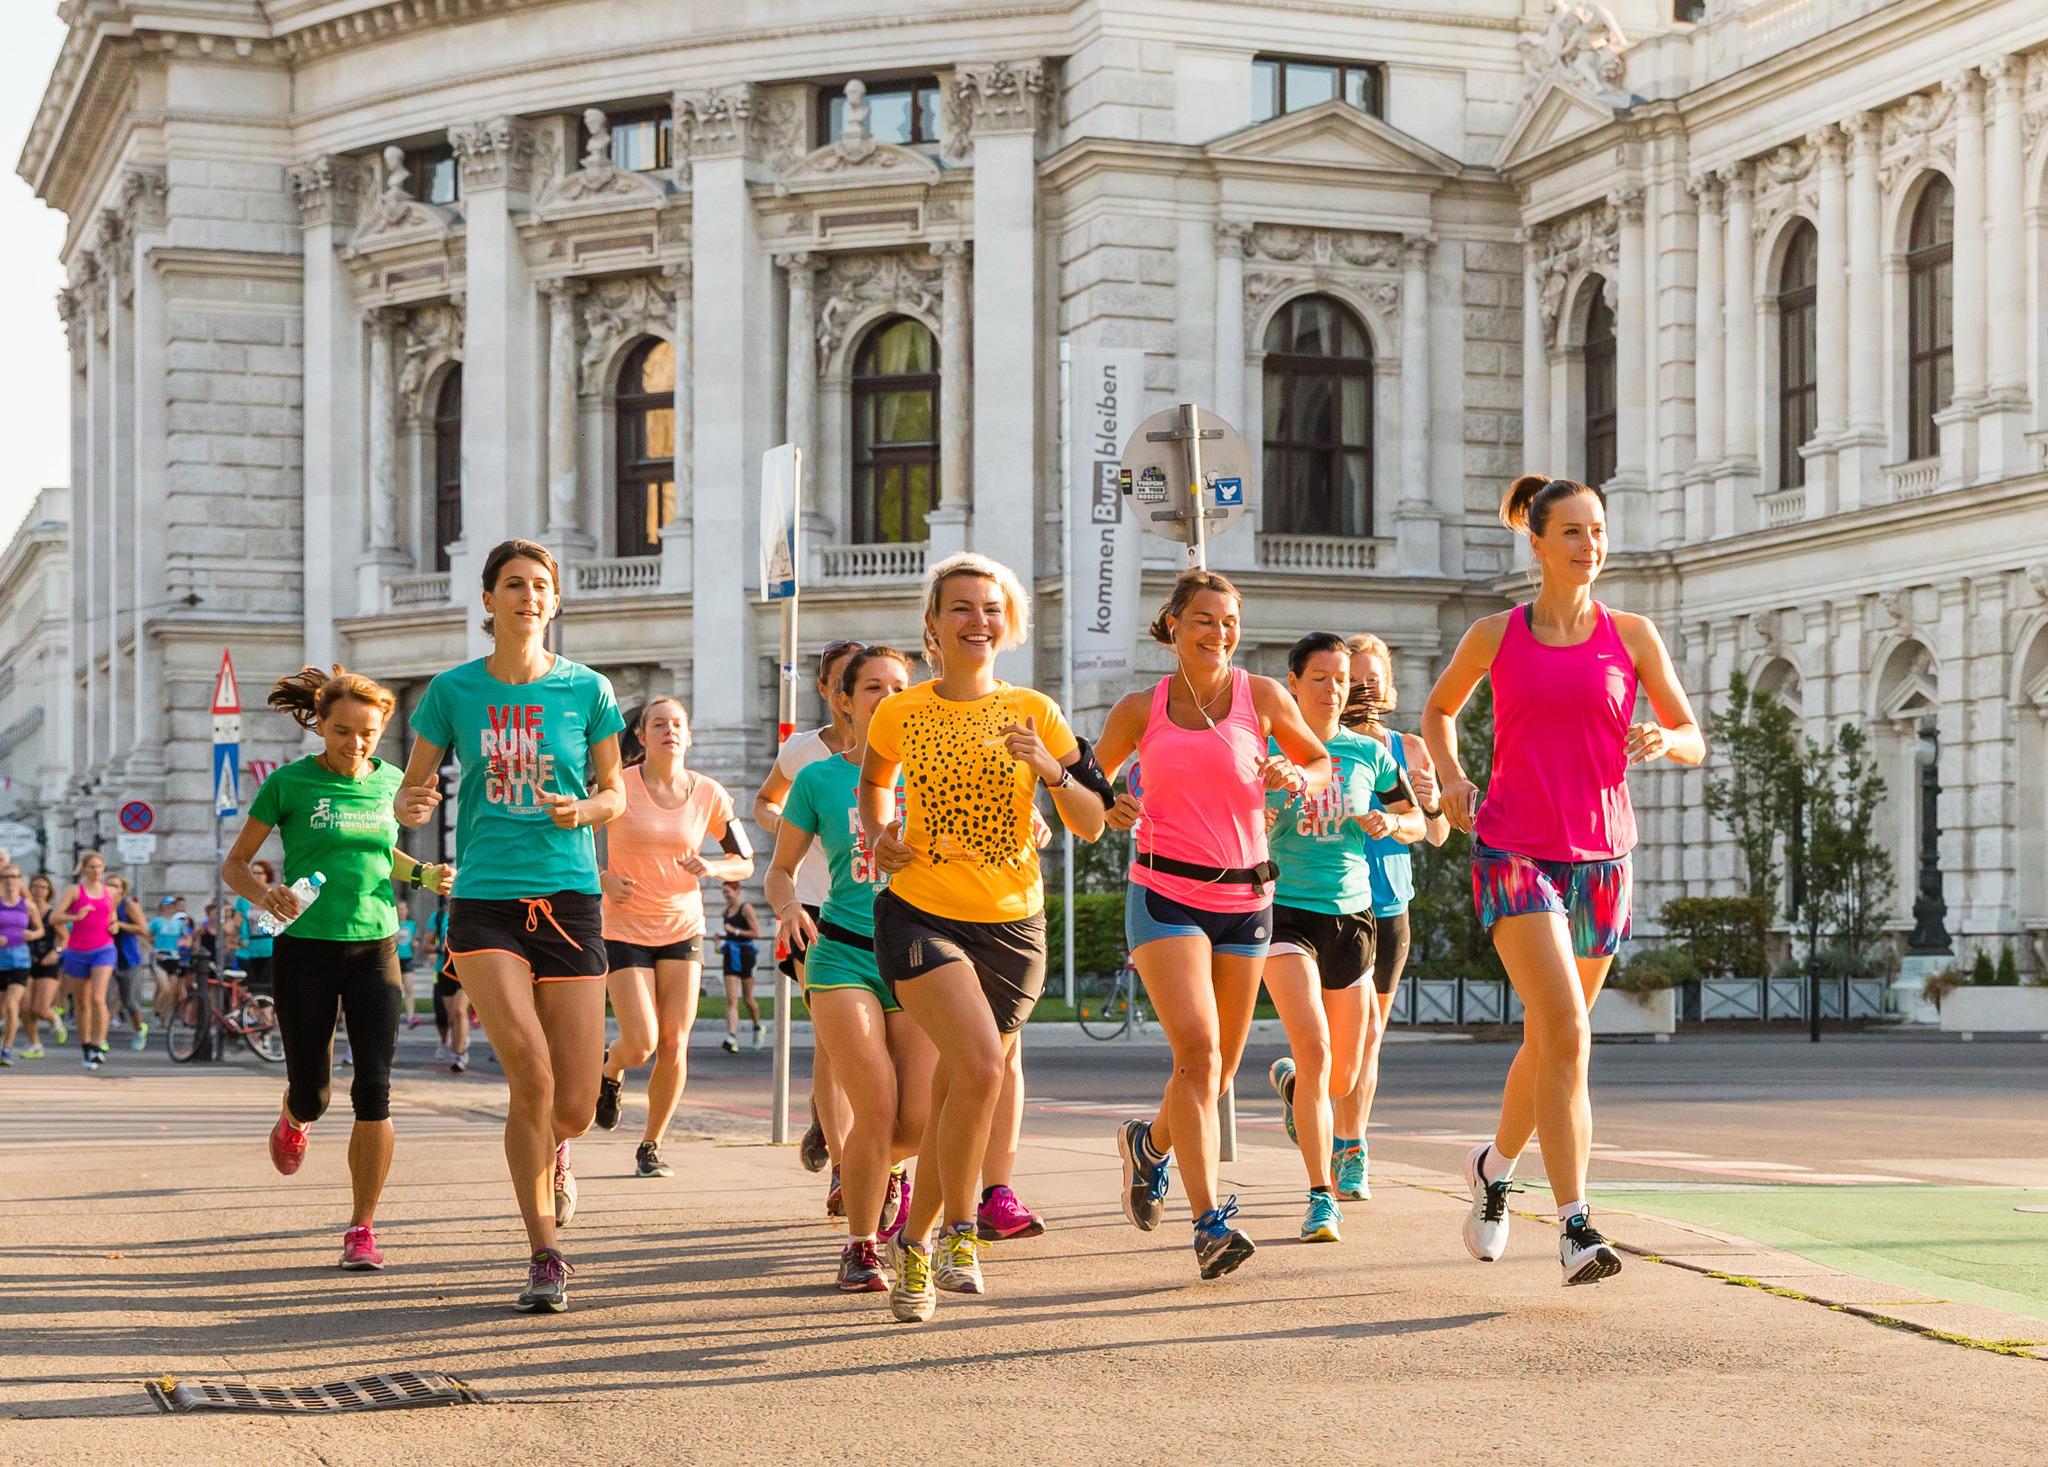 Frauenlauf treffen wien